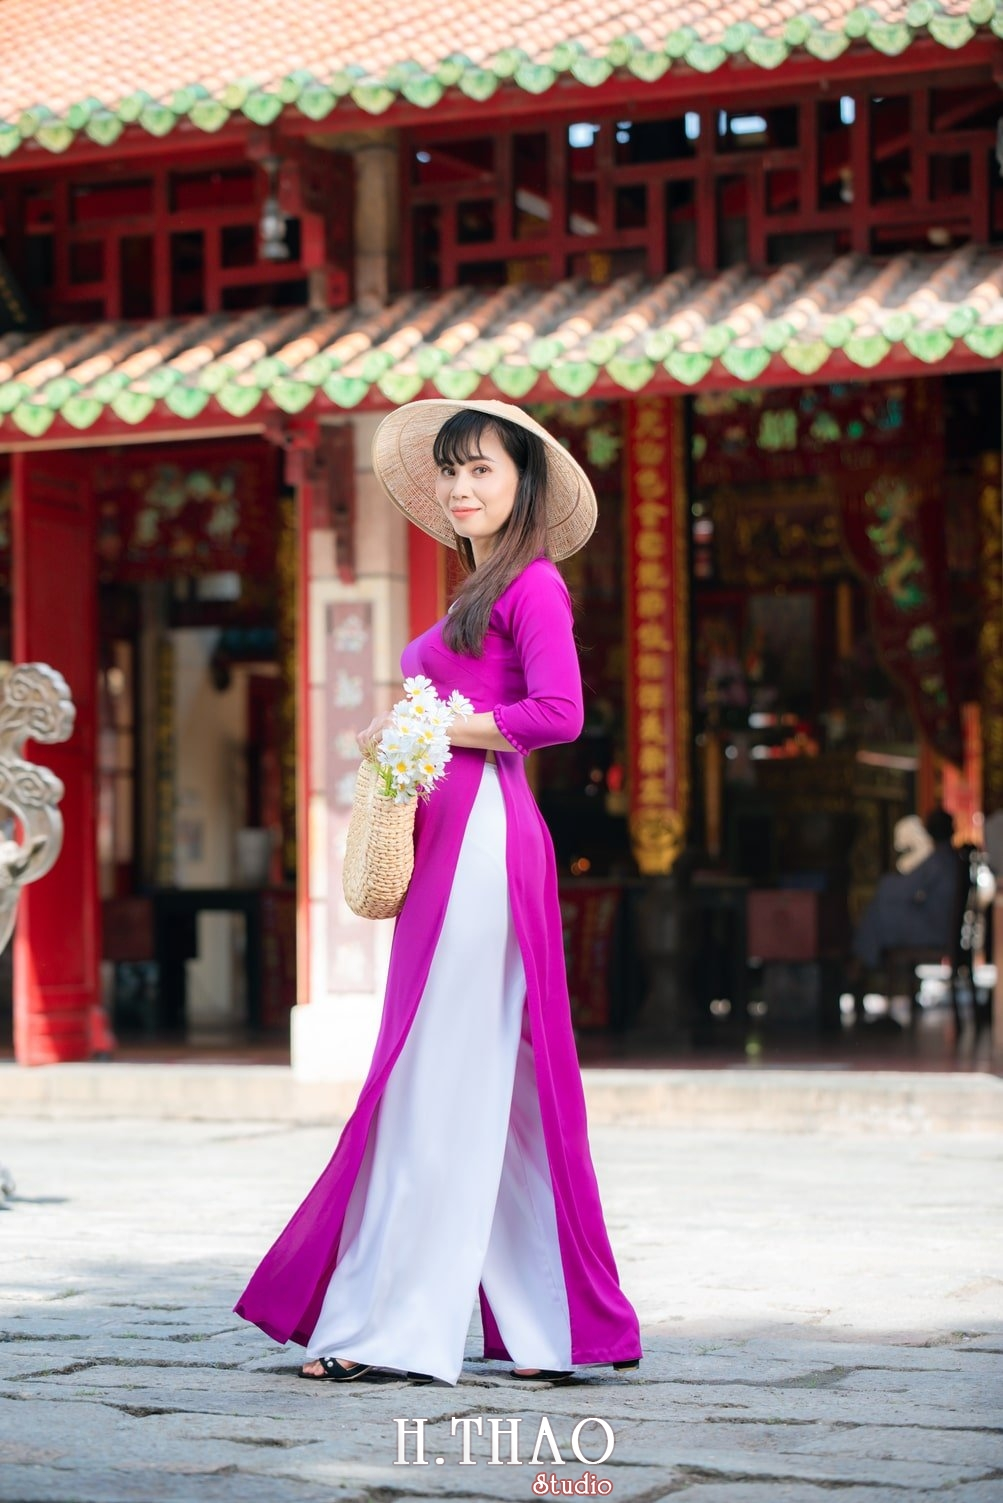 Ao dai viet nam 13 - Báo giá chụp ảnh áo dài trọn gói tại Tp.HCM - HThao Studio